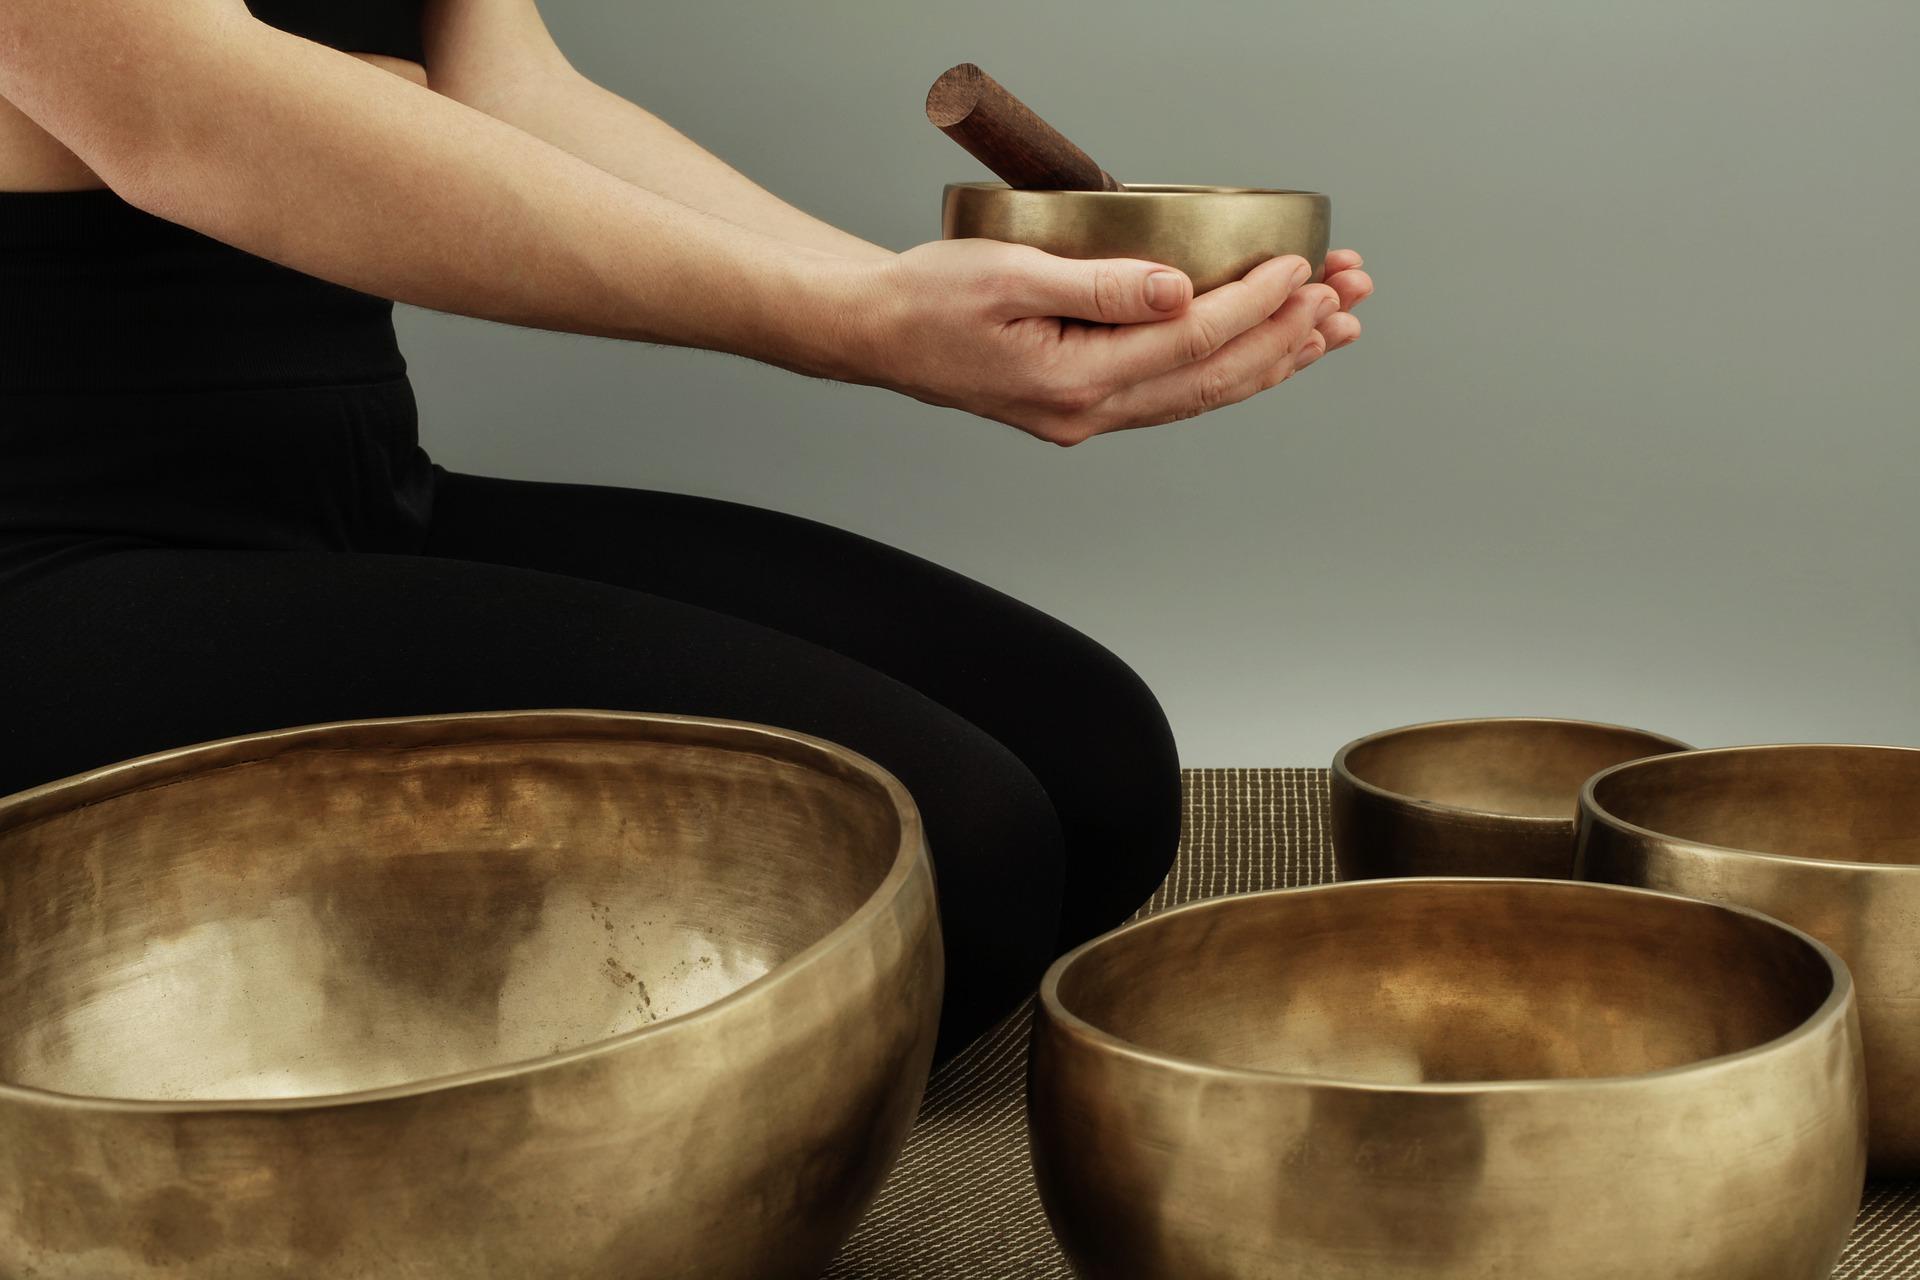 singing-bowls-4762238_1920